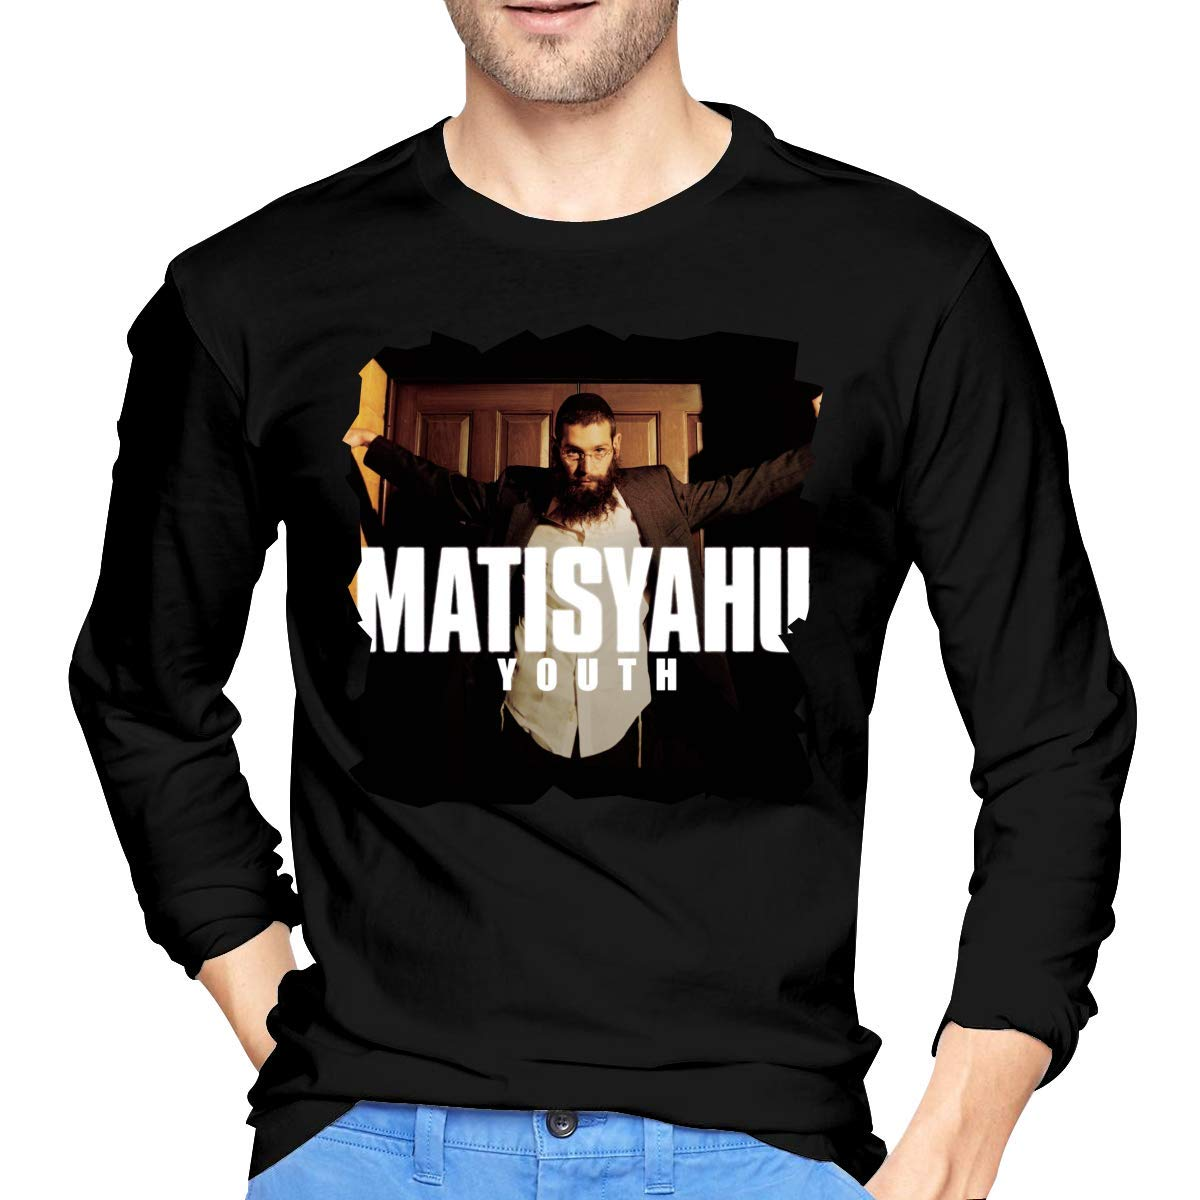 Fssatung S Matisyahu T Shirt Black